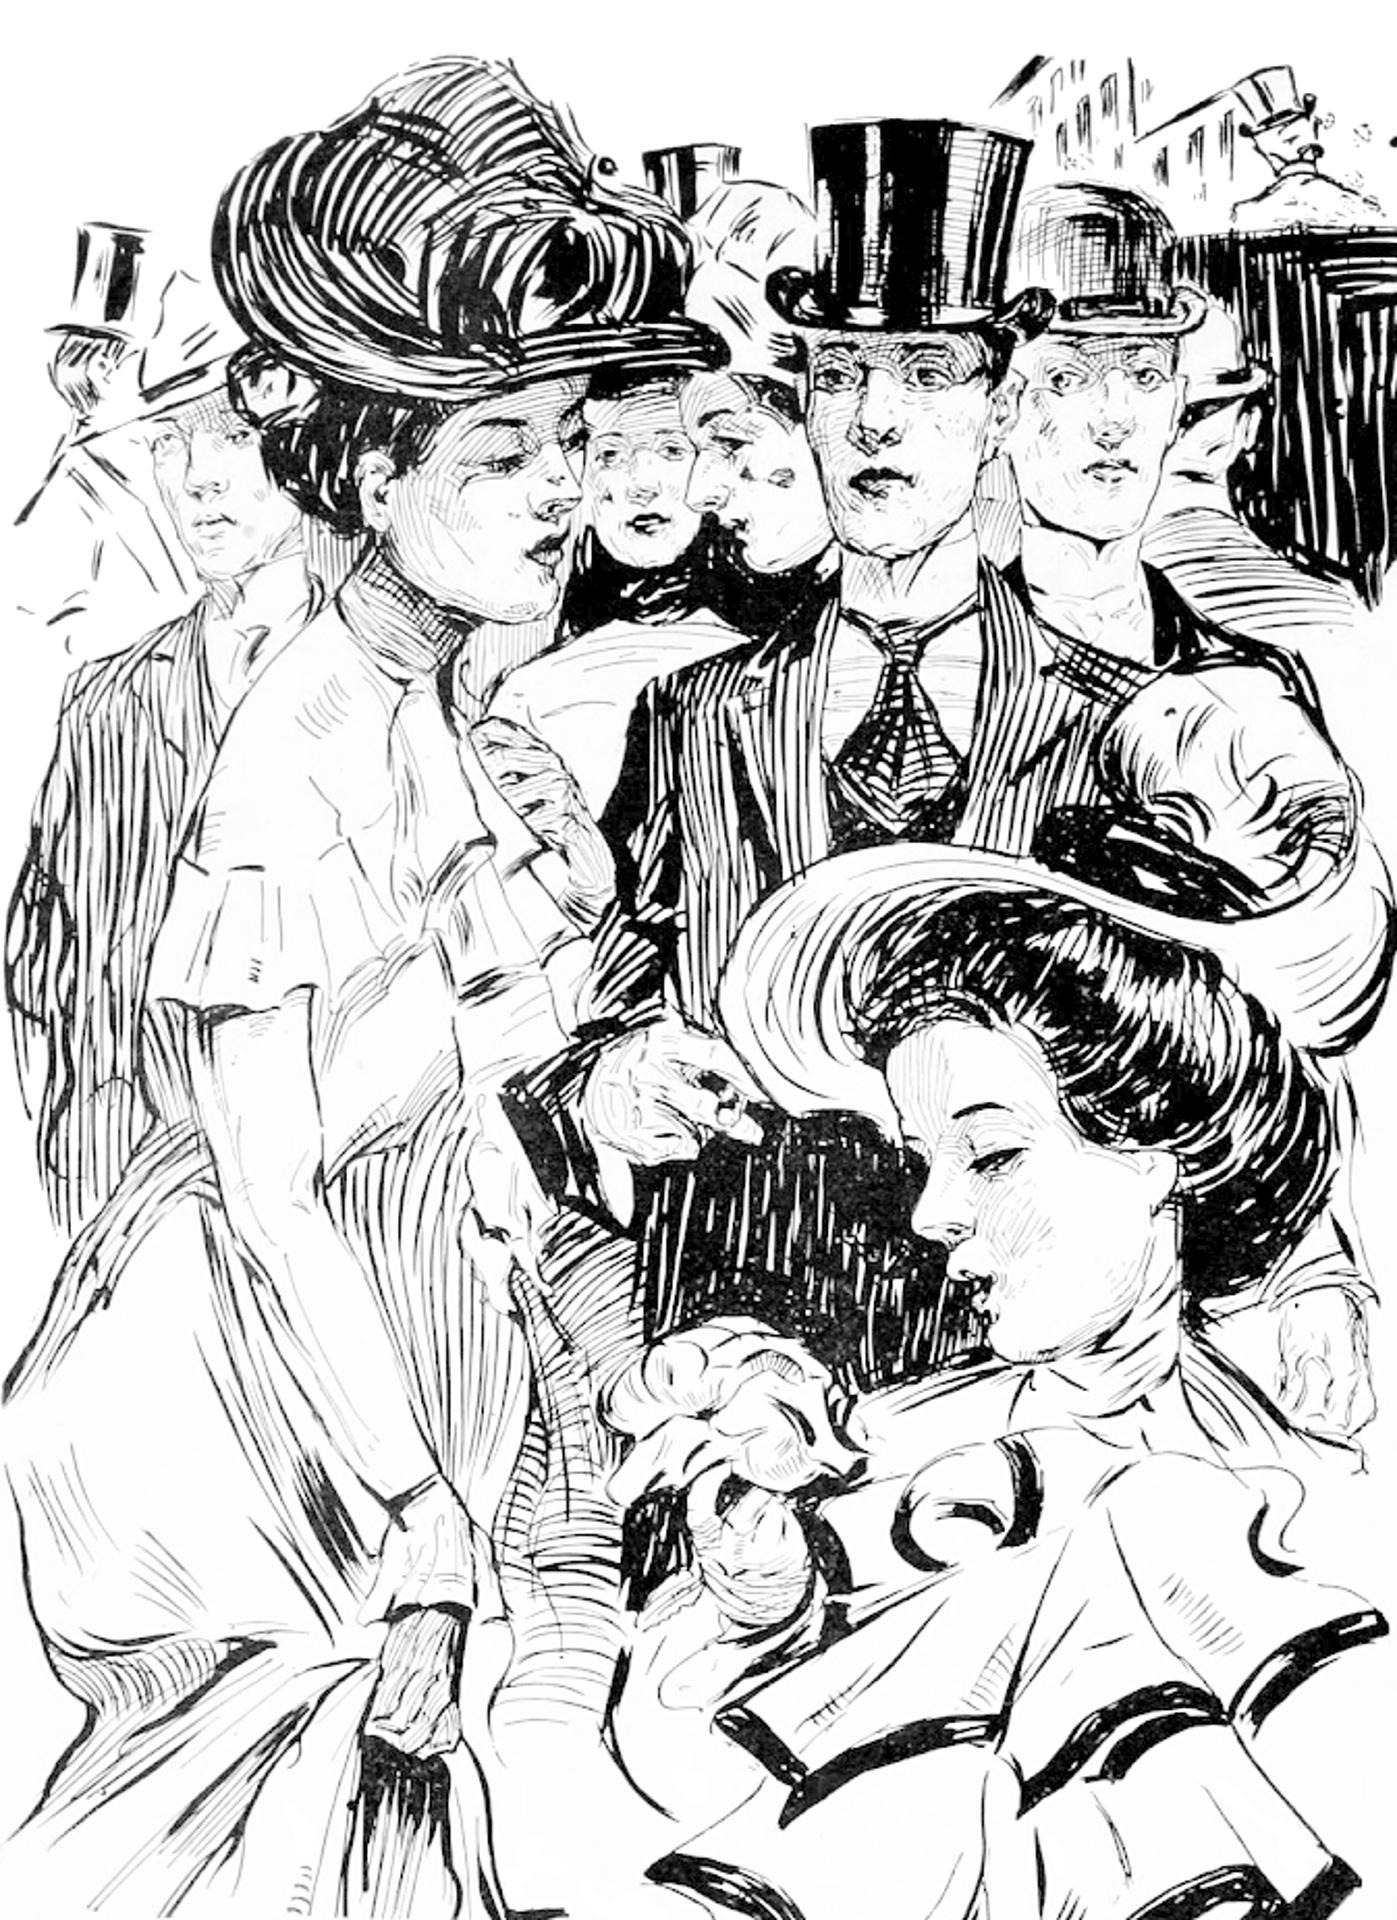 Vintage drawing of people photo